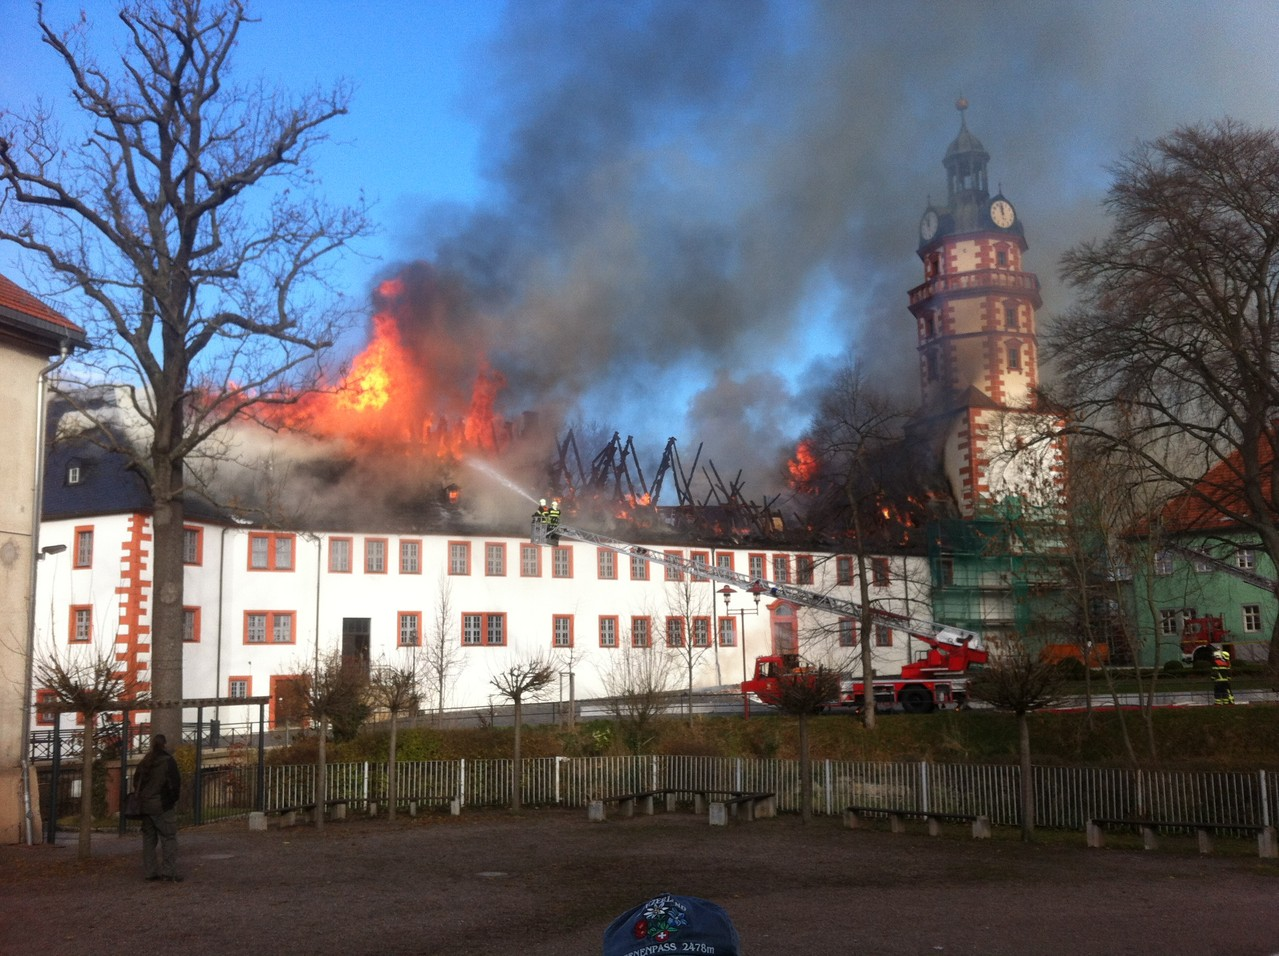 Am 26.11.2013 brennt in Ohrdruf das Schloss Ehrenstein. Zahlreiche Kulturgüter gehen verloren. Ein großer Teil des Dachstuhls brennt nieder. Foto: crawinkler-runde.de